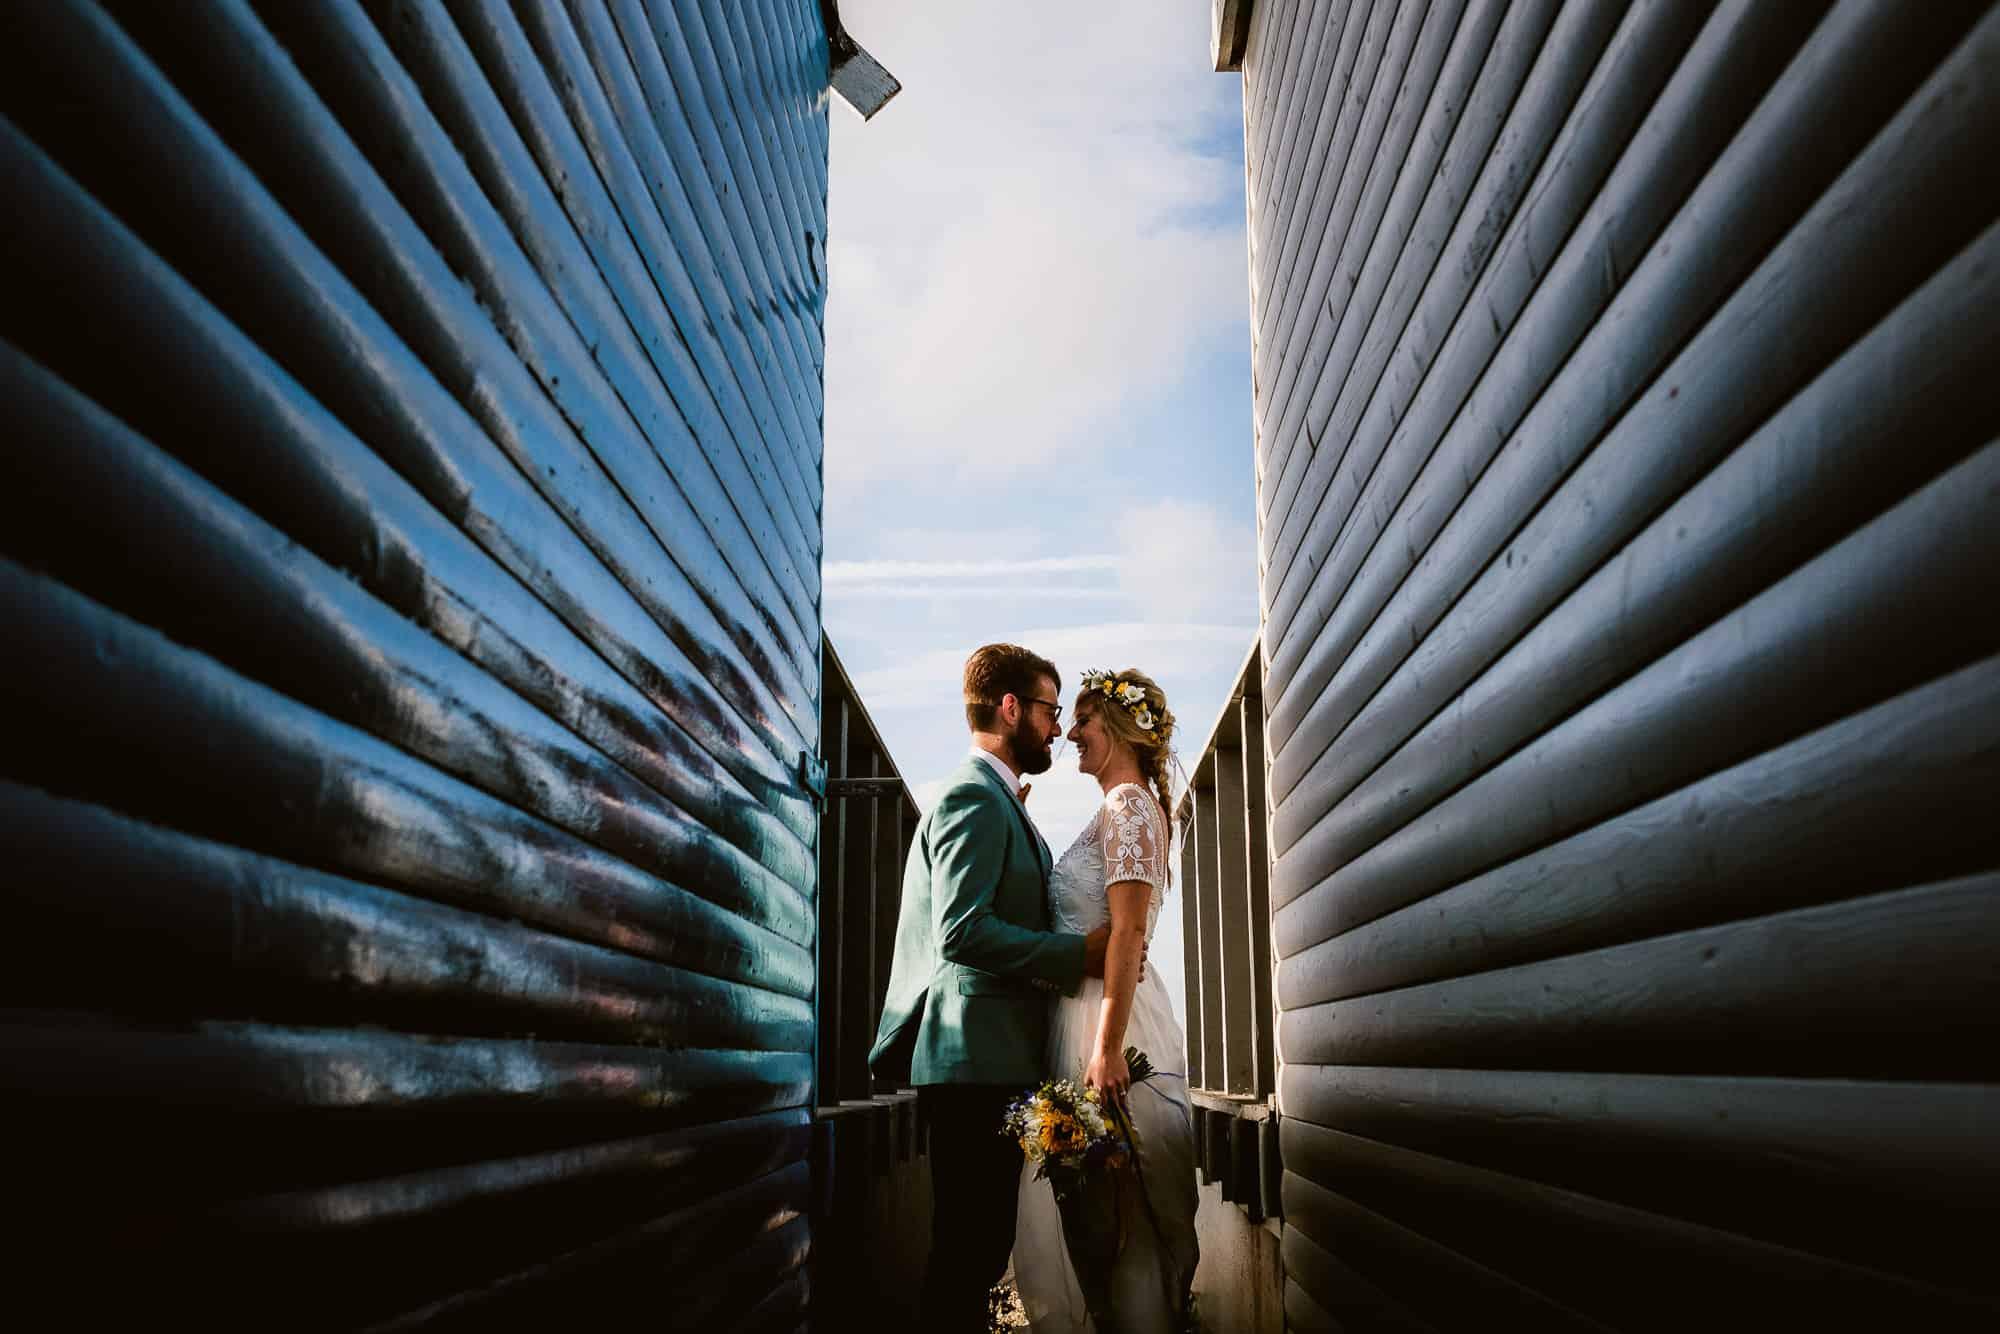 east-quay-wedding-photography-matt-tyler-0064